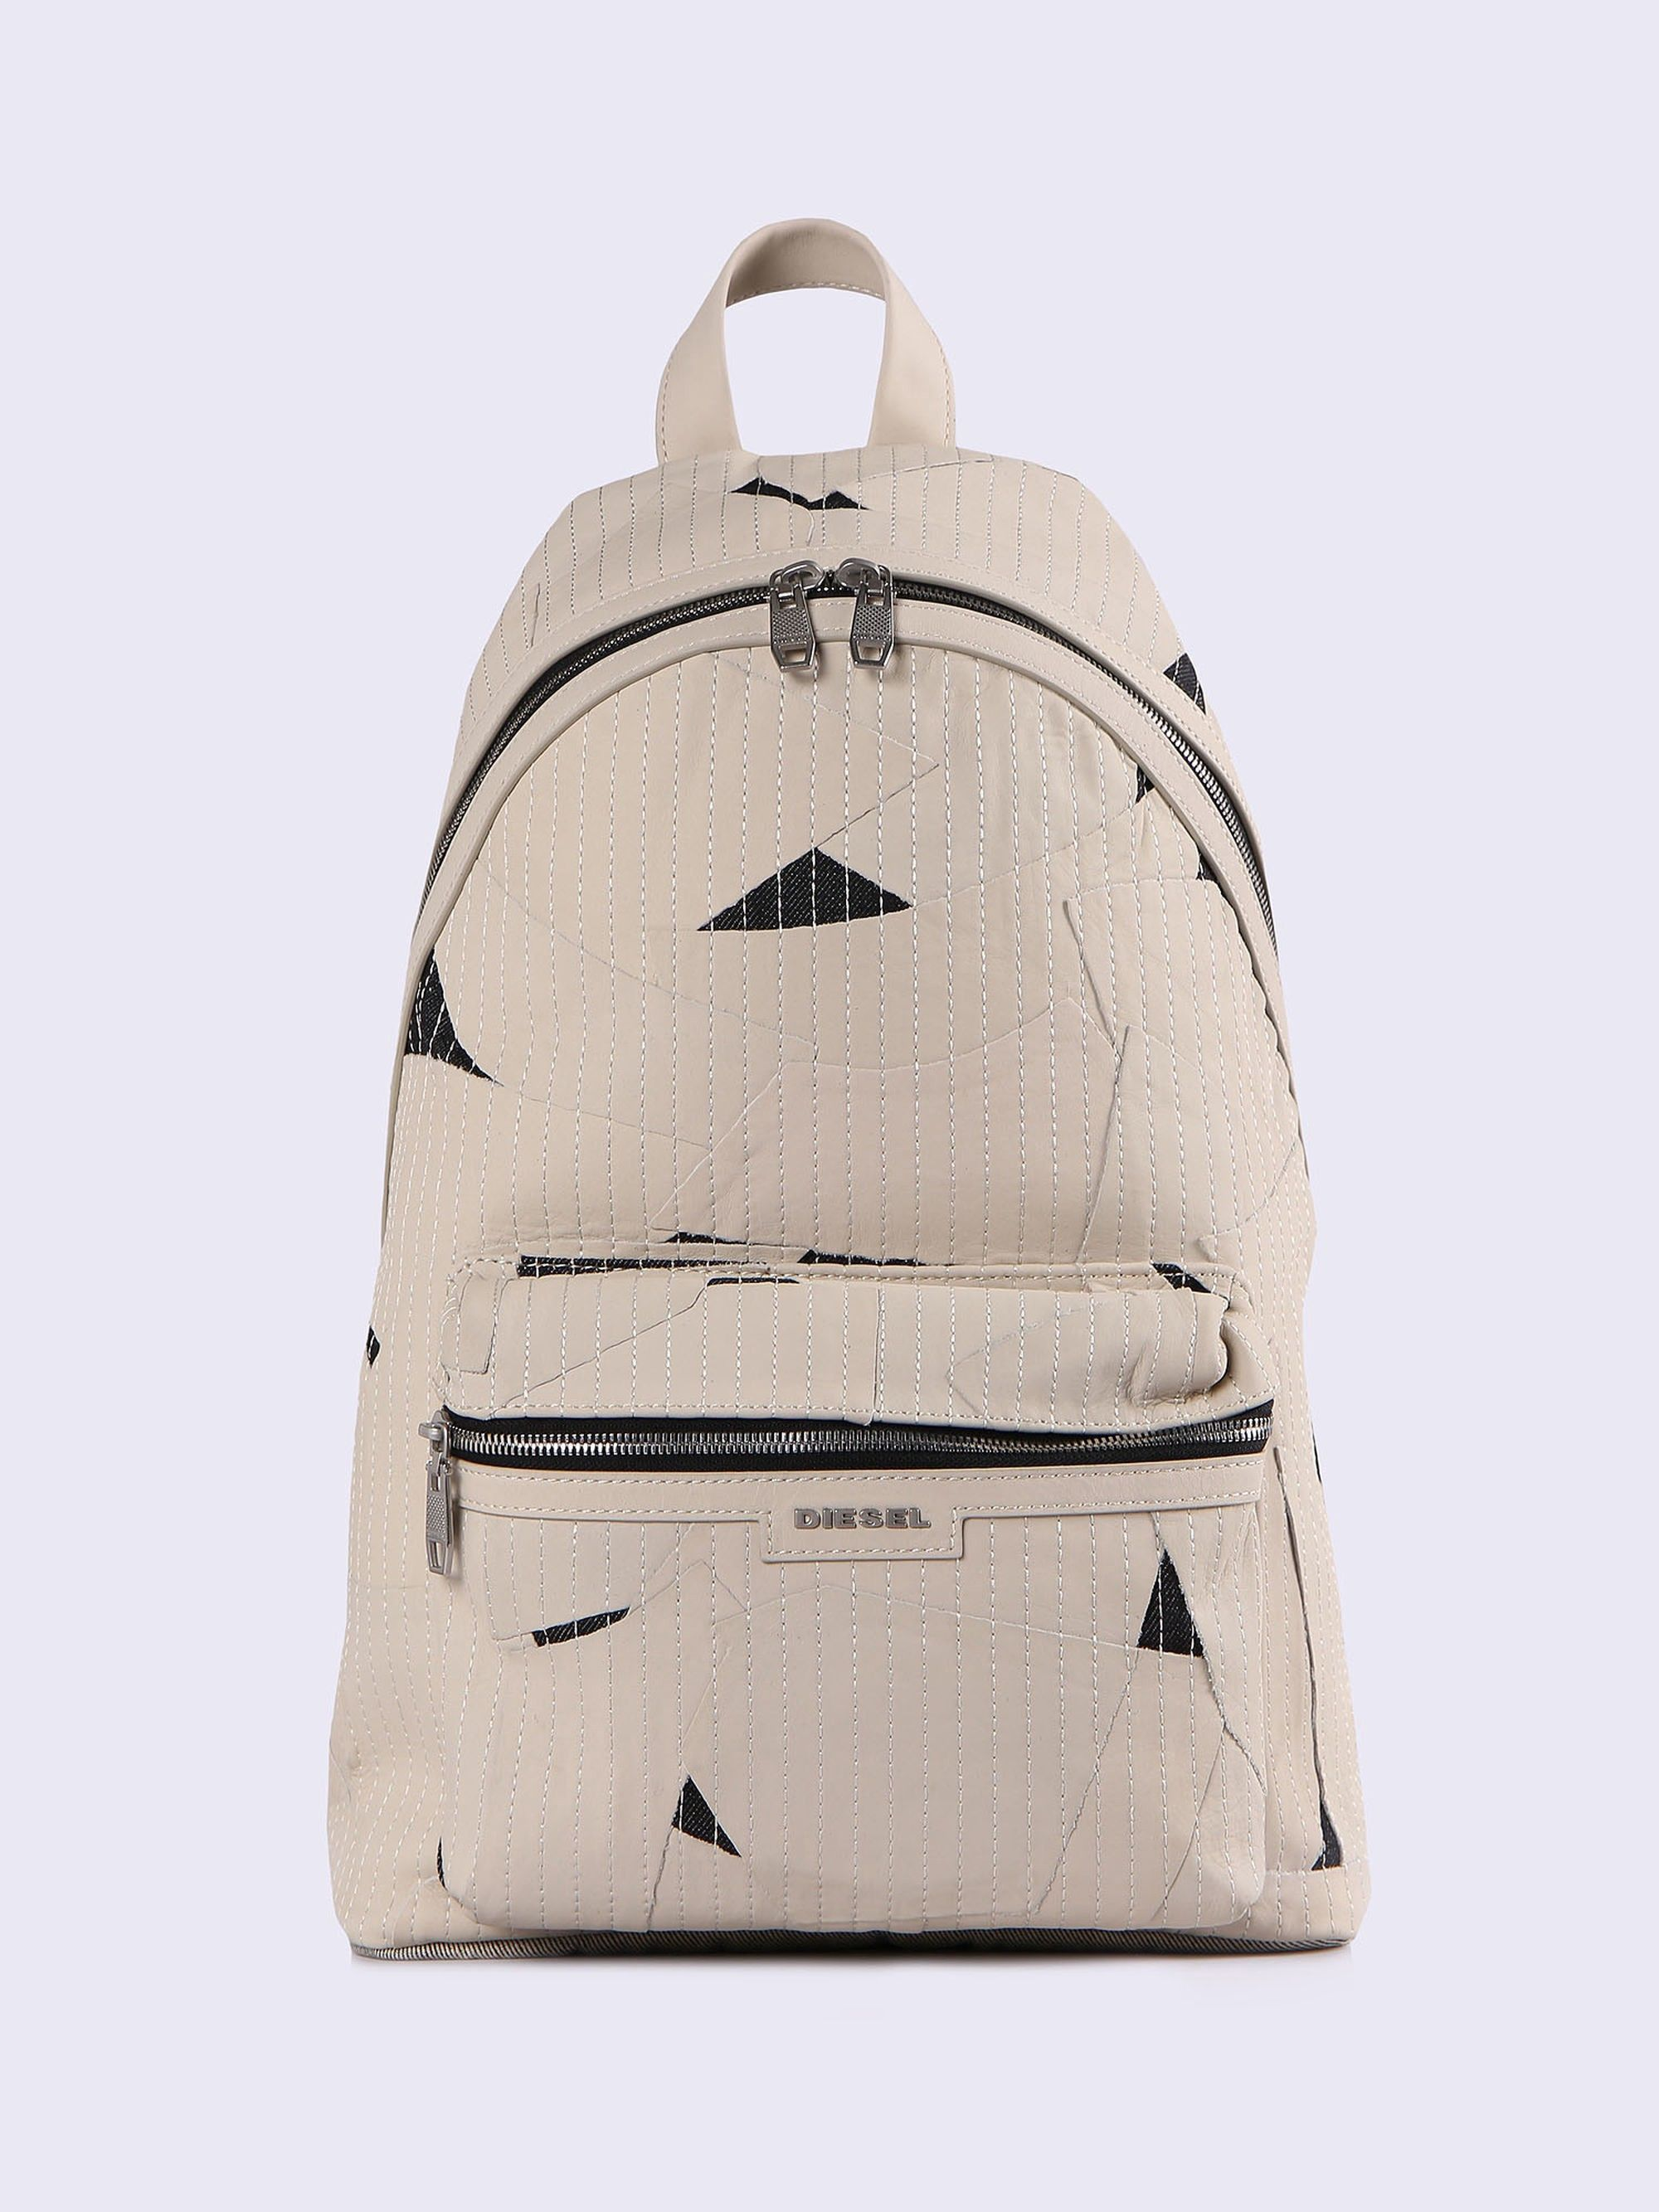 5803ea8669 DIESEL L-GRUNGY BACK BACKPACKS.  diesel  bags  leather  denim  backpacks   cotton